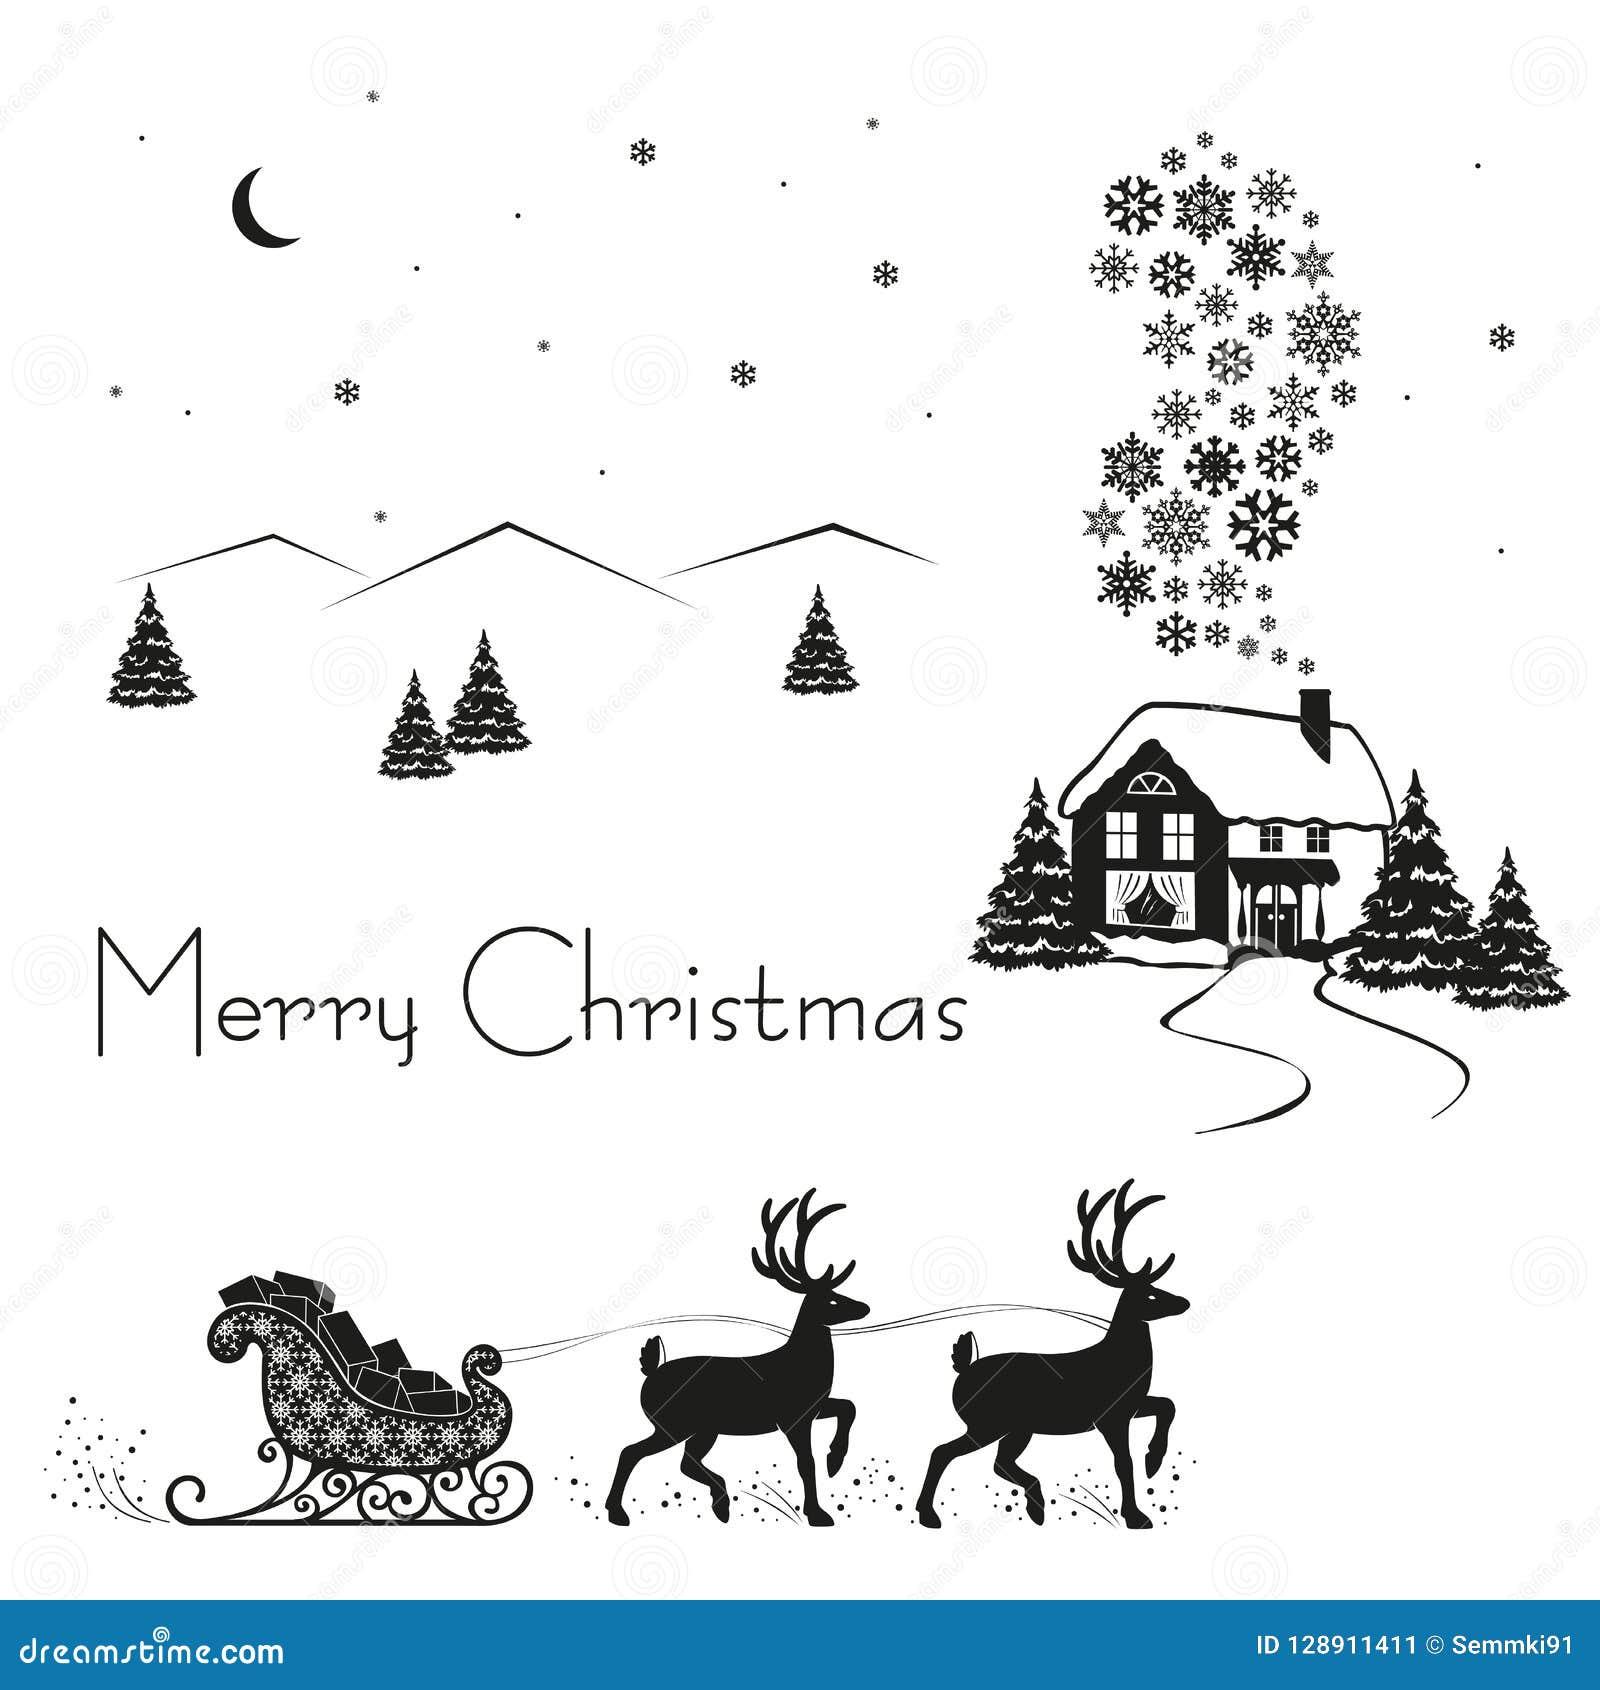 Herten gedreven slee van Santa Claus met giften, zwart silhouet op witte sneeuw, vectorillustratie